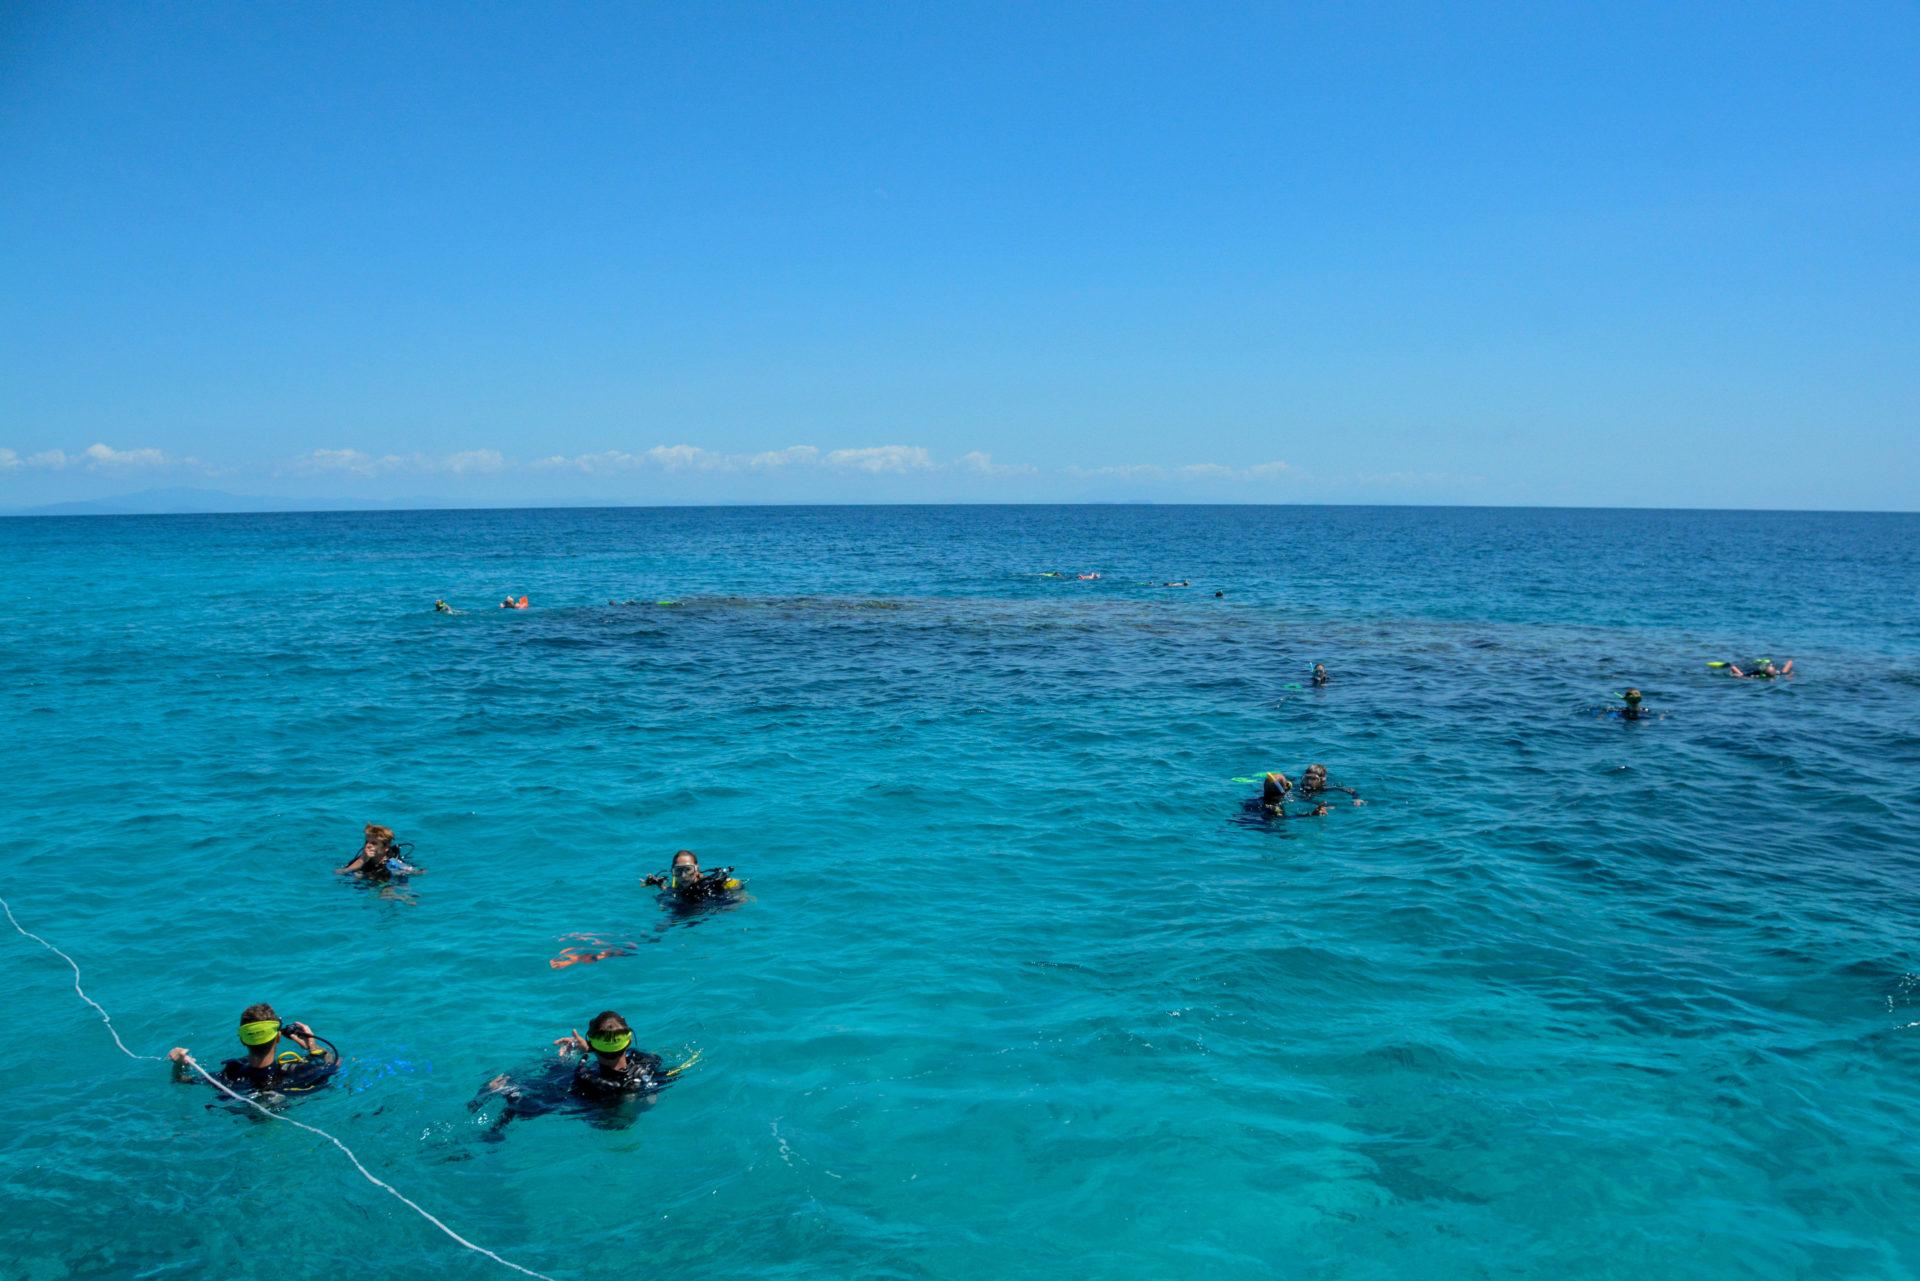 Schnorchler am Eddy Reef in Queensland, Great Barrier Reef